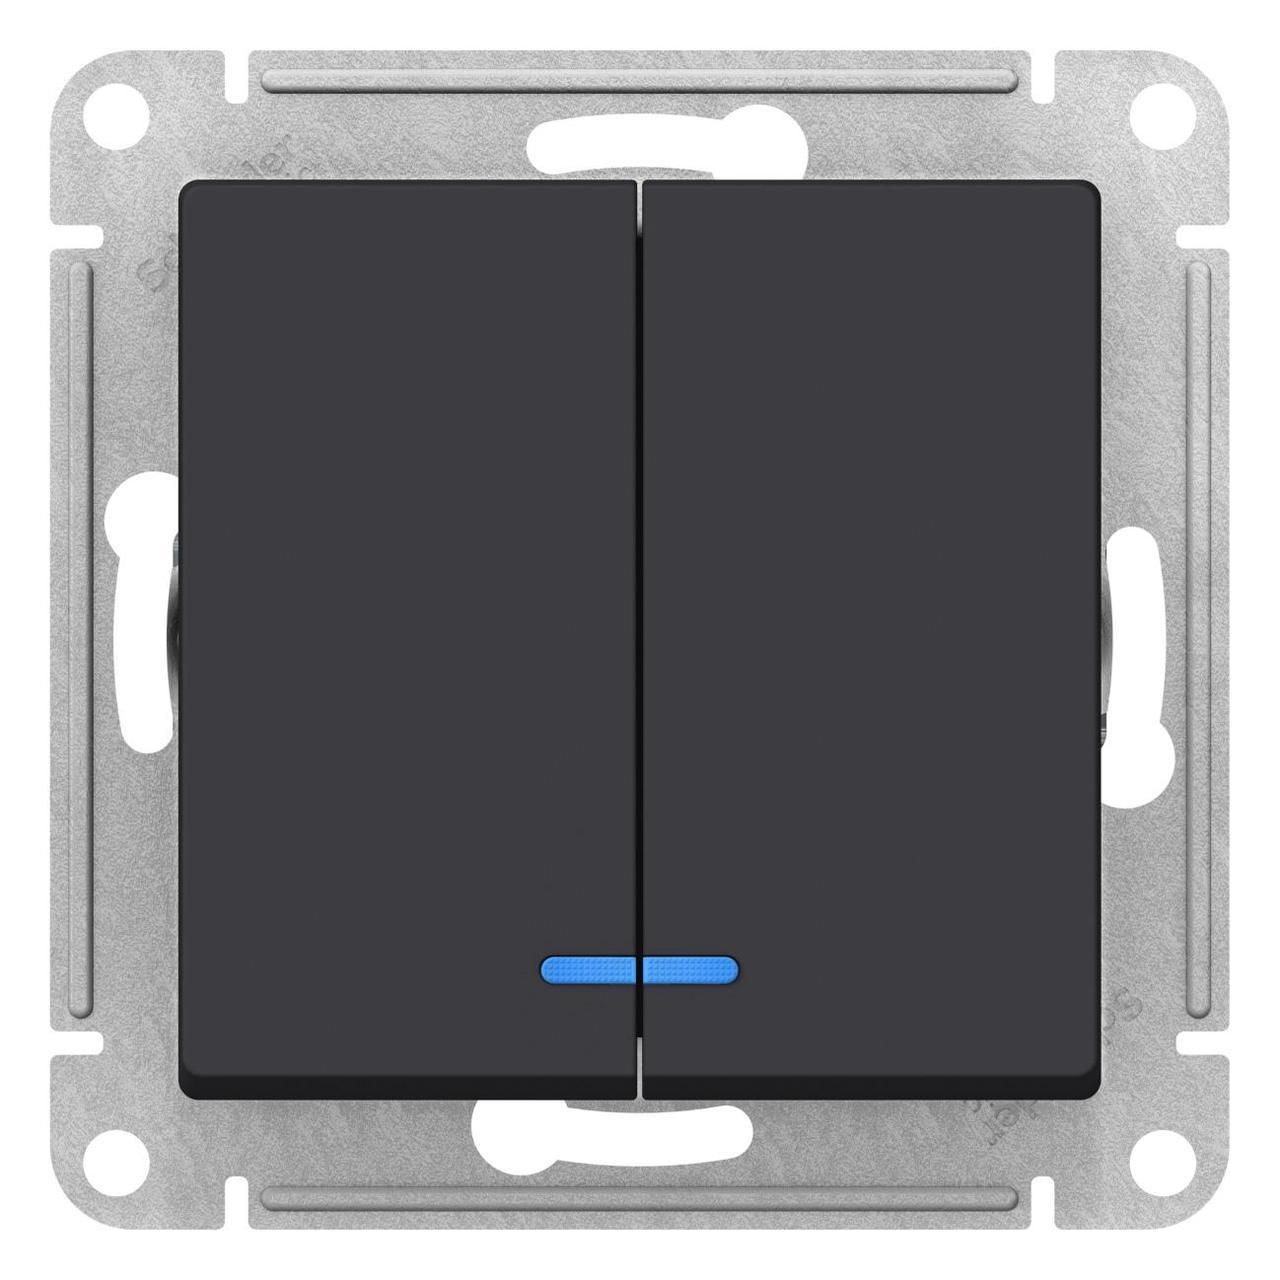 Выключатель 2-клавишный , с подсветкой , Карбон, серия Atlas Design, Schneider Electric